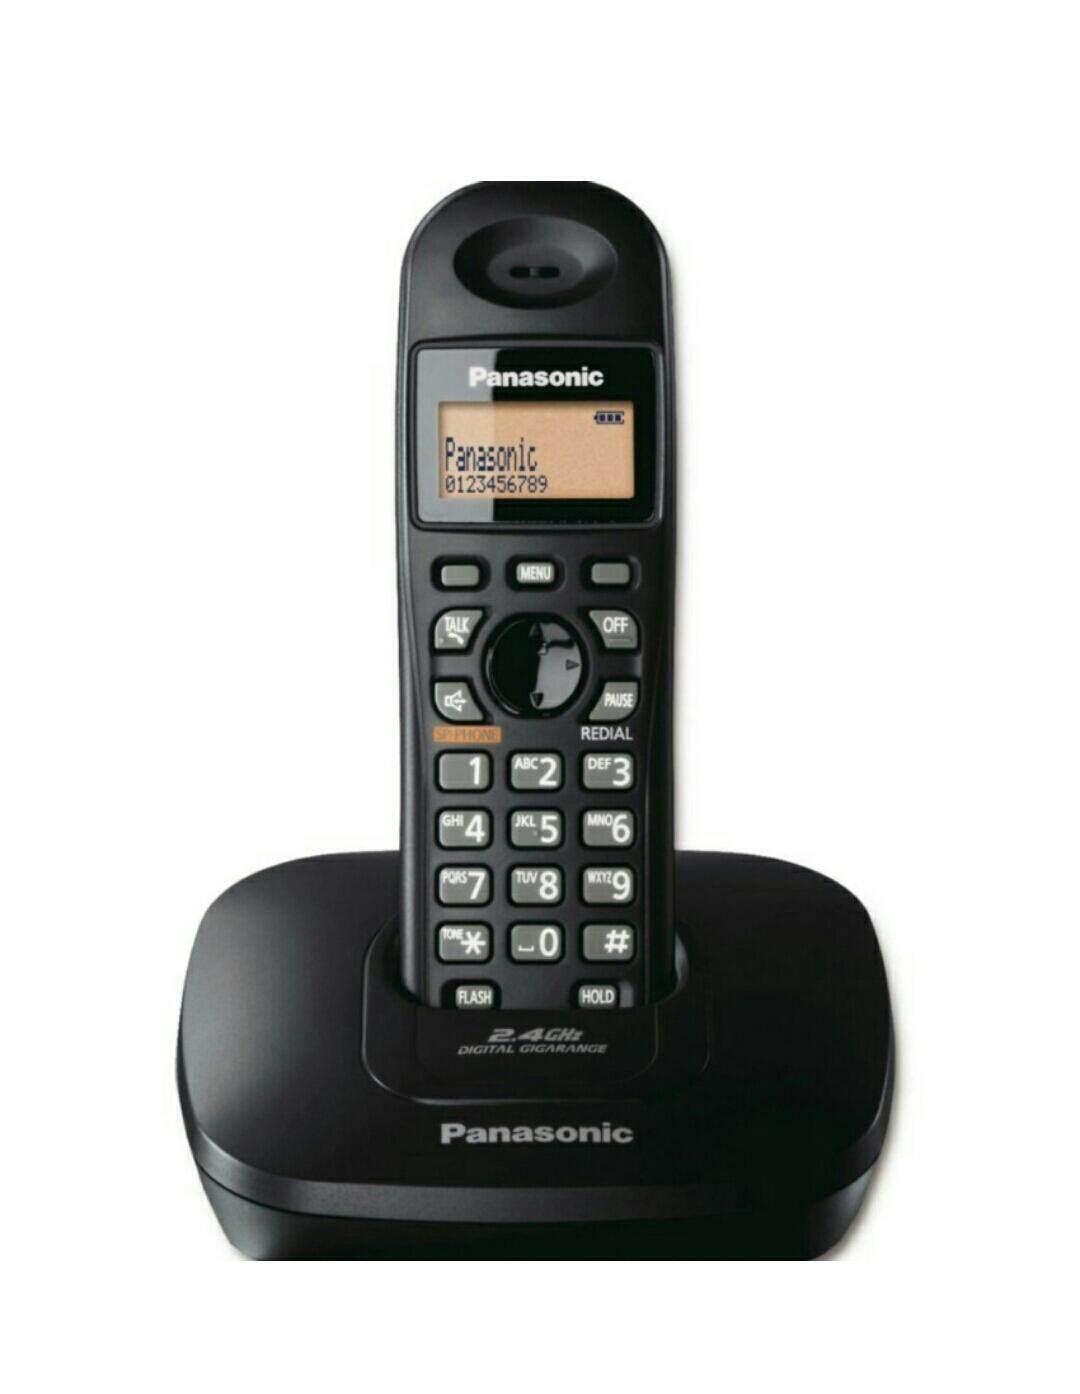 panasonic โทรศัพท์ไร้สาย panasonic รุ่น kx-Tg3611 .